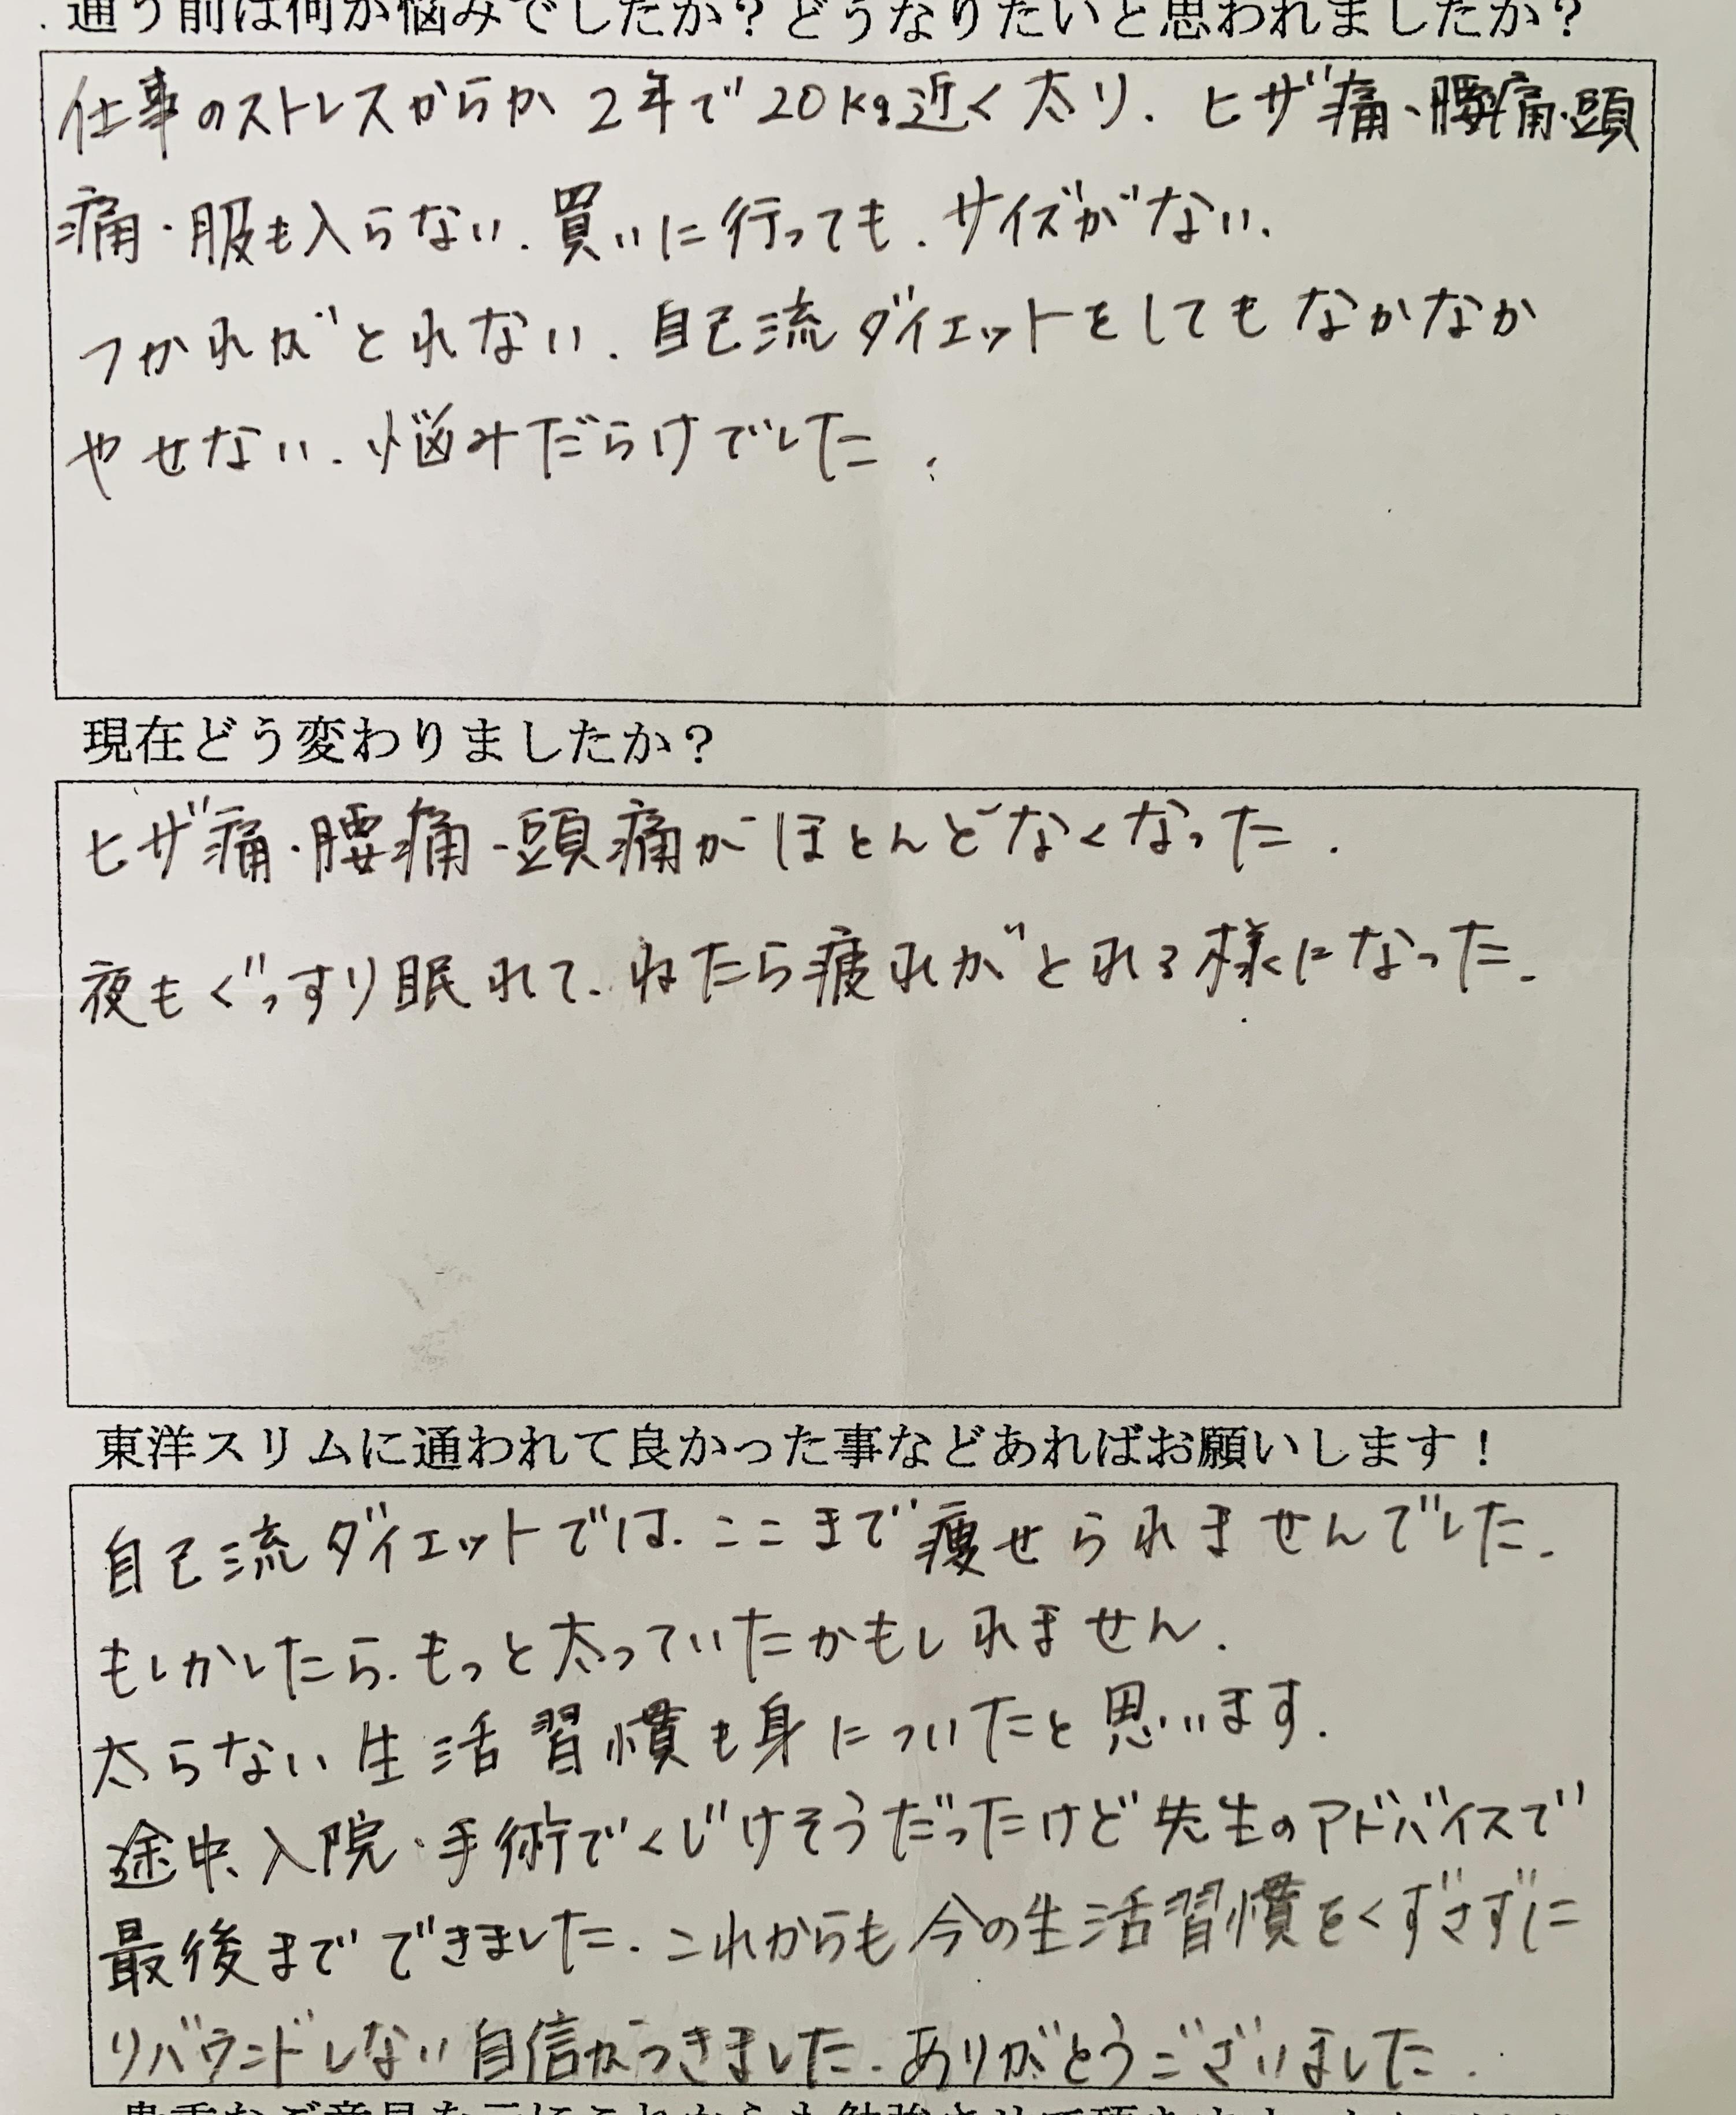 [耳ツボダイエット皆様の声] 大阪府八尾市Tさん(40代)服も入らない、買いに行っても服もない…(結果には個人差があります)